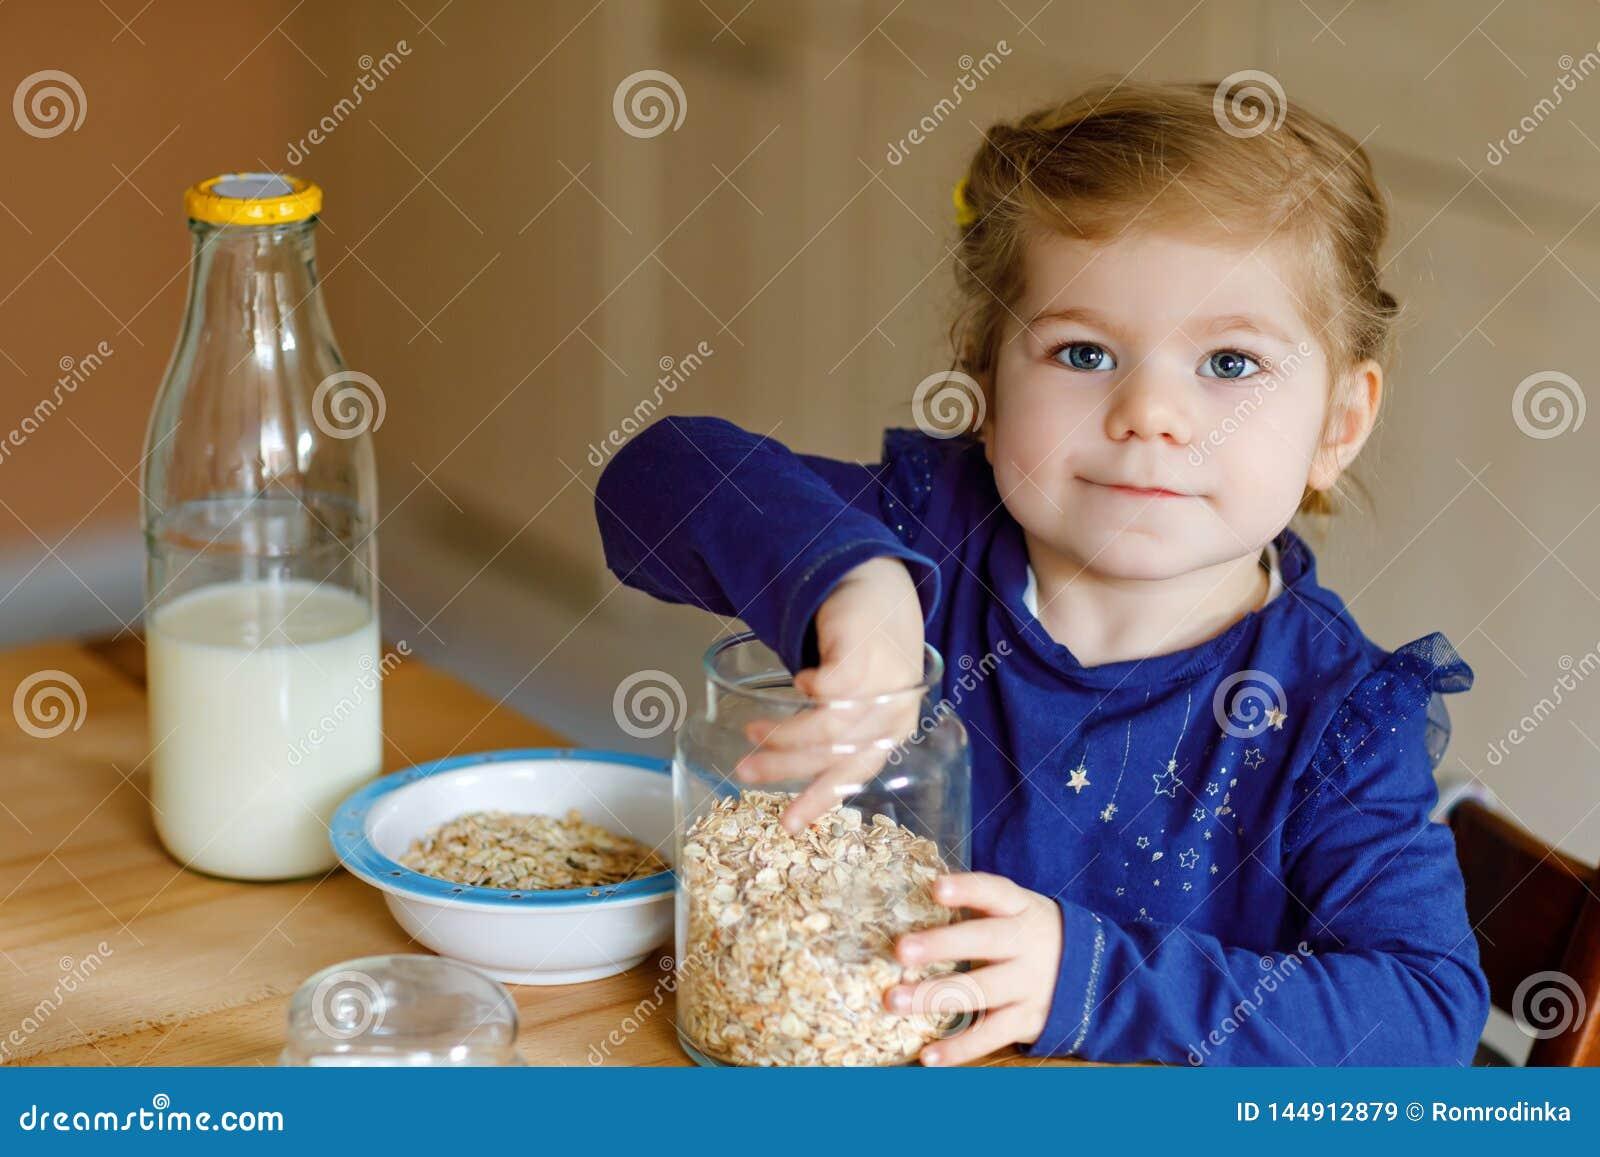 Urocza berbe? dziewczyna je zdrowych oatmeals z mlekiem dla ?niadaniowego ?licznego szcz??liwego dziecka dziecka w kolorowy ubra?